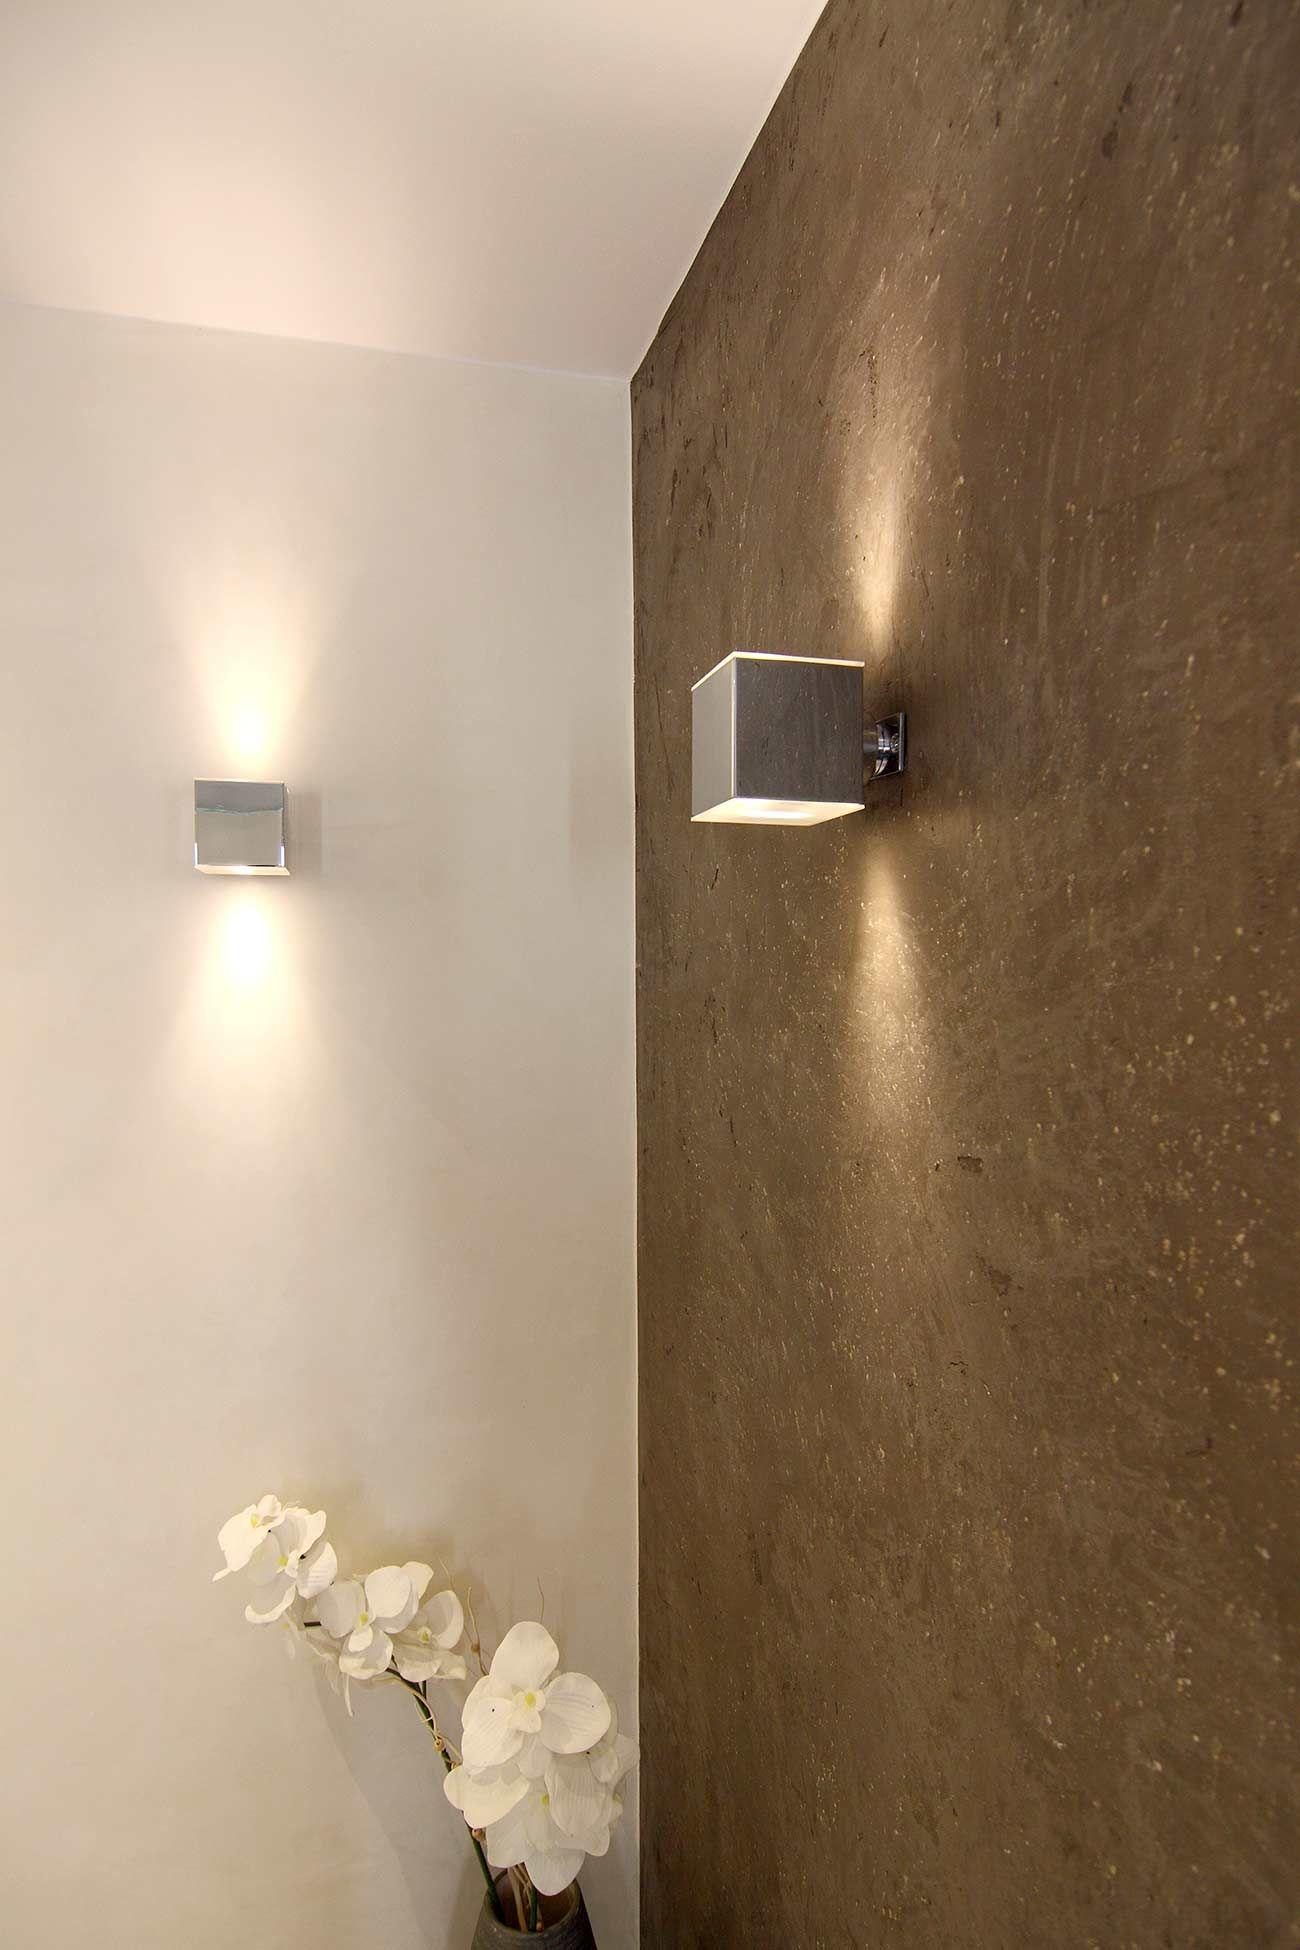 Badezimmer design stand-up-dusche zimmerecke mit heller und grau verputzter wand zwei viereckige